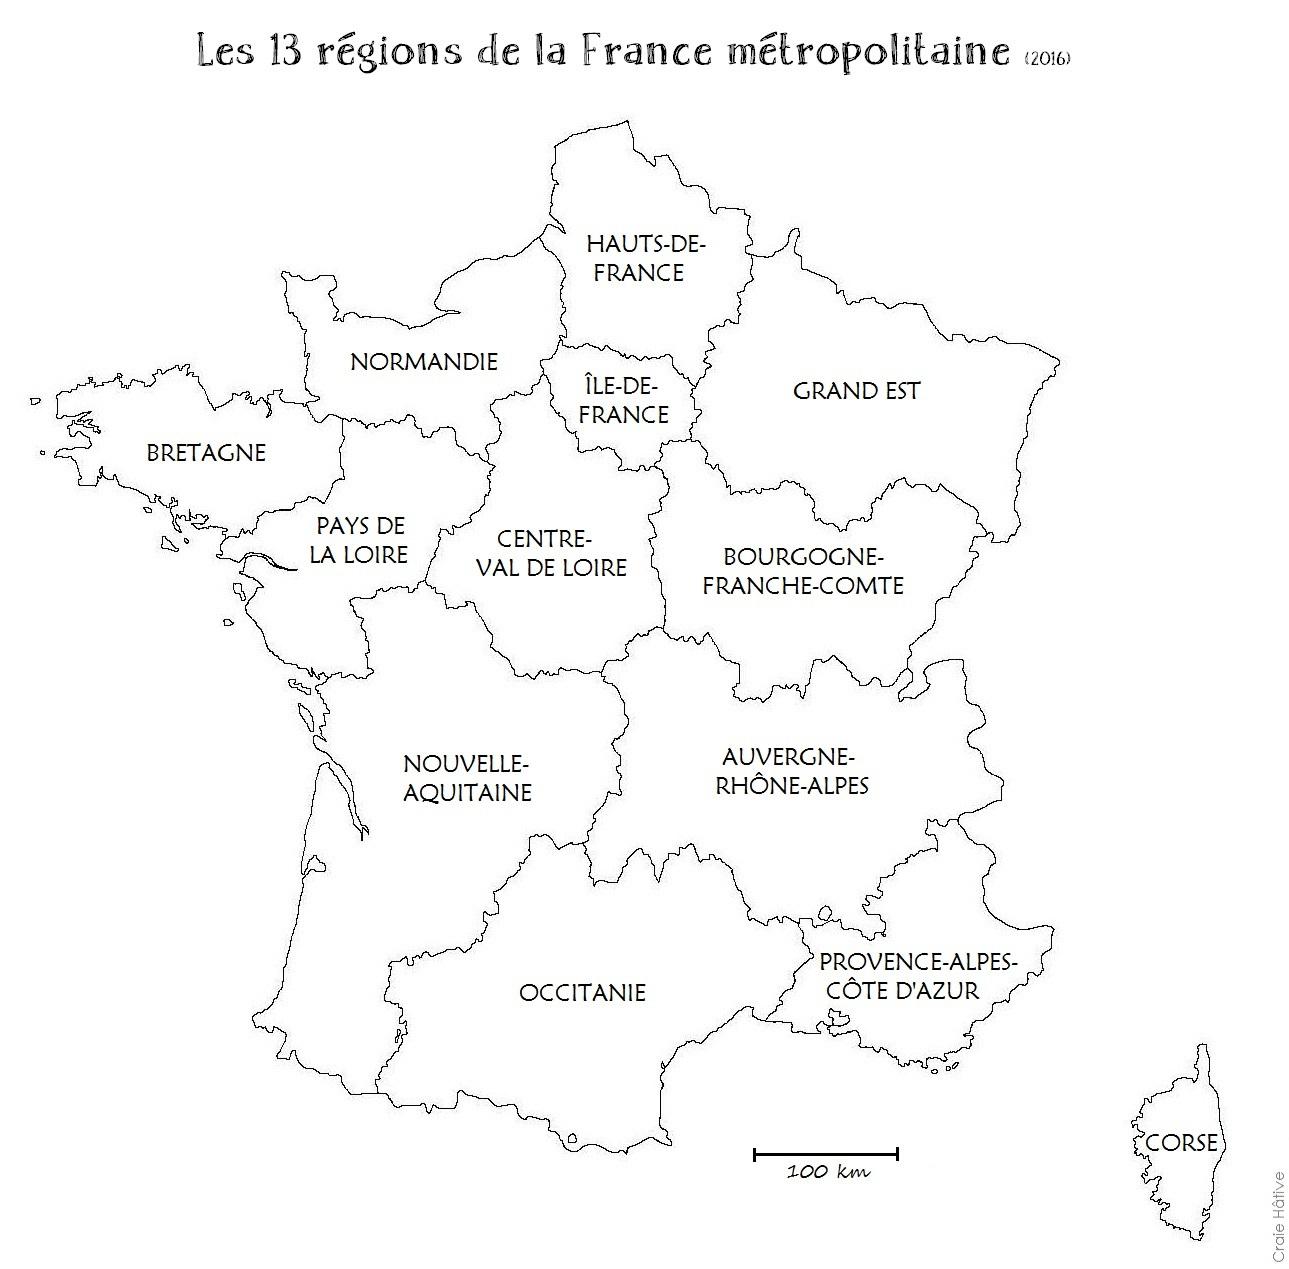 Cartes Des Régions De La France Métropolitaine - 2016 encequiconcerne Carte De France Muette À Compléter